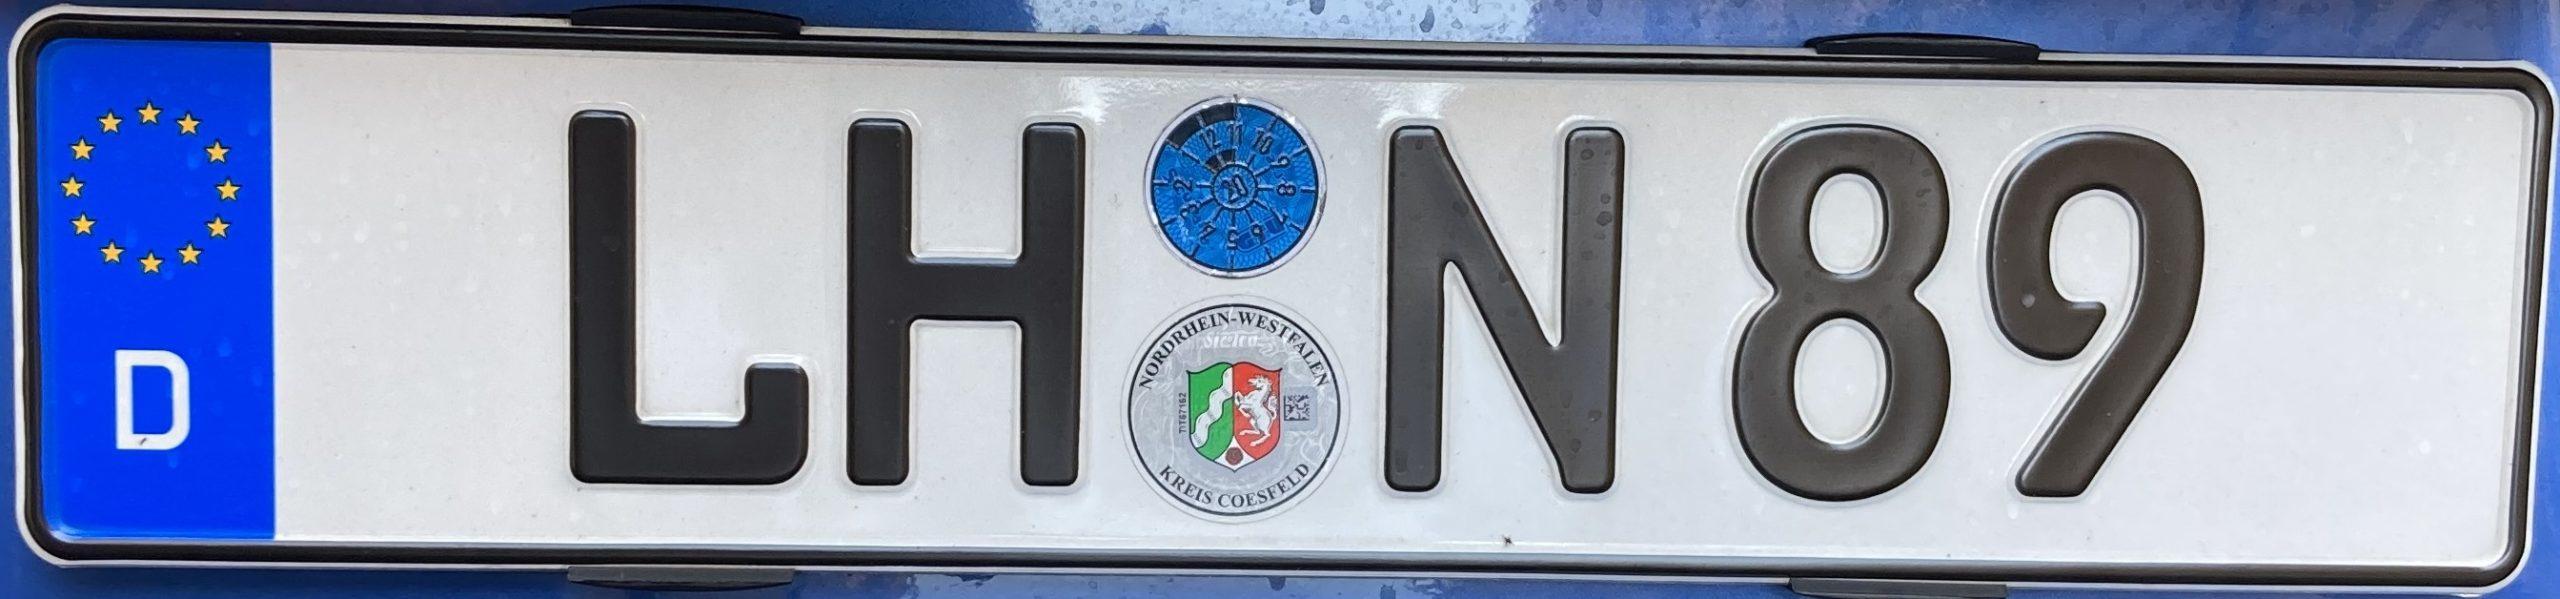 Registrační značky Německo - LH - Lüdinghausen, foto: www.podalnici.cz